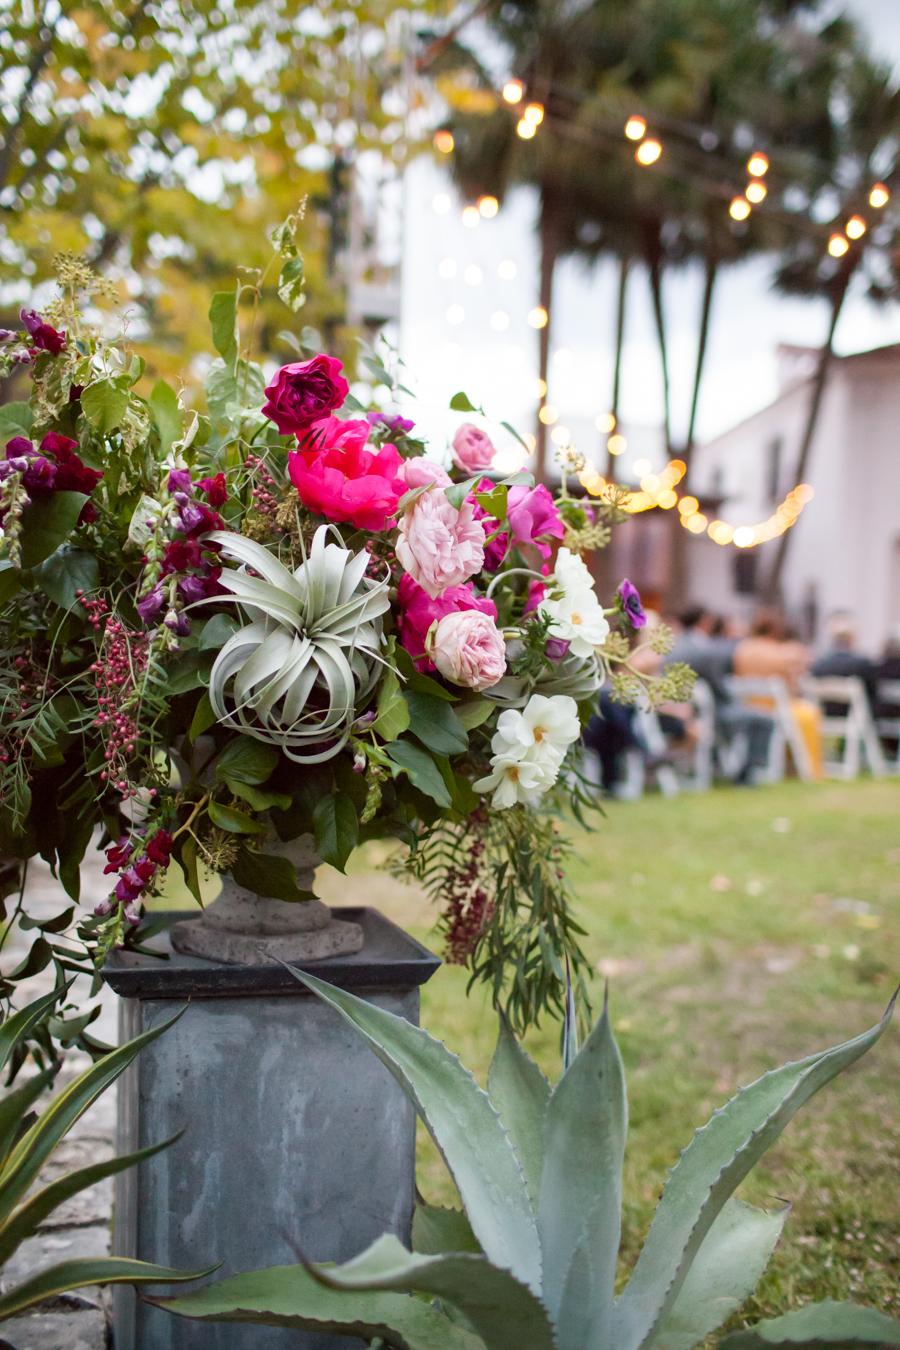 Archetype-Southwest-Spanish-Style-Wedding-17.jpg